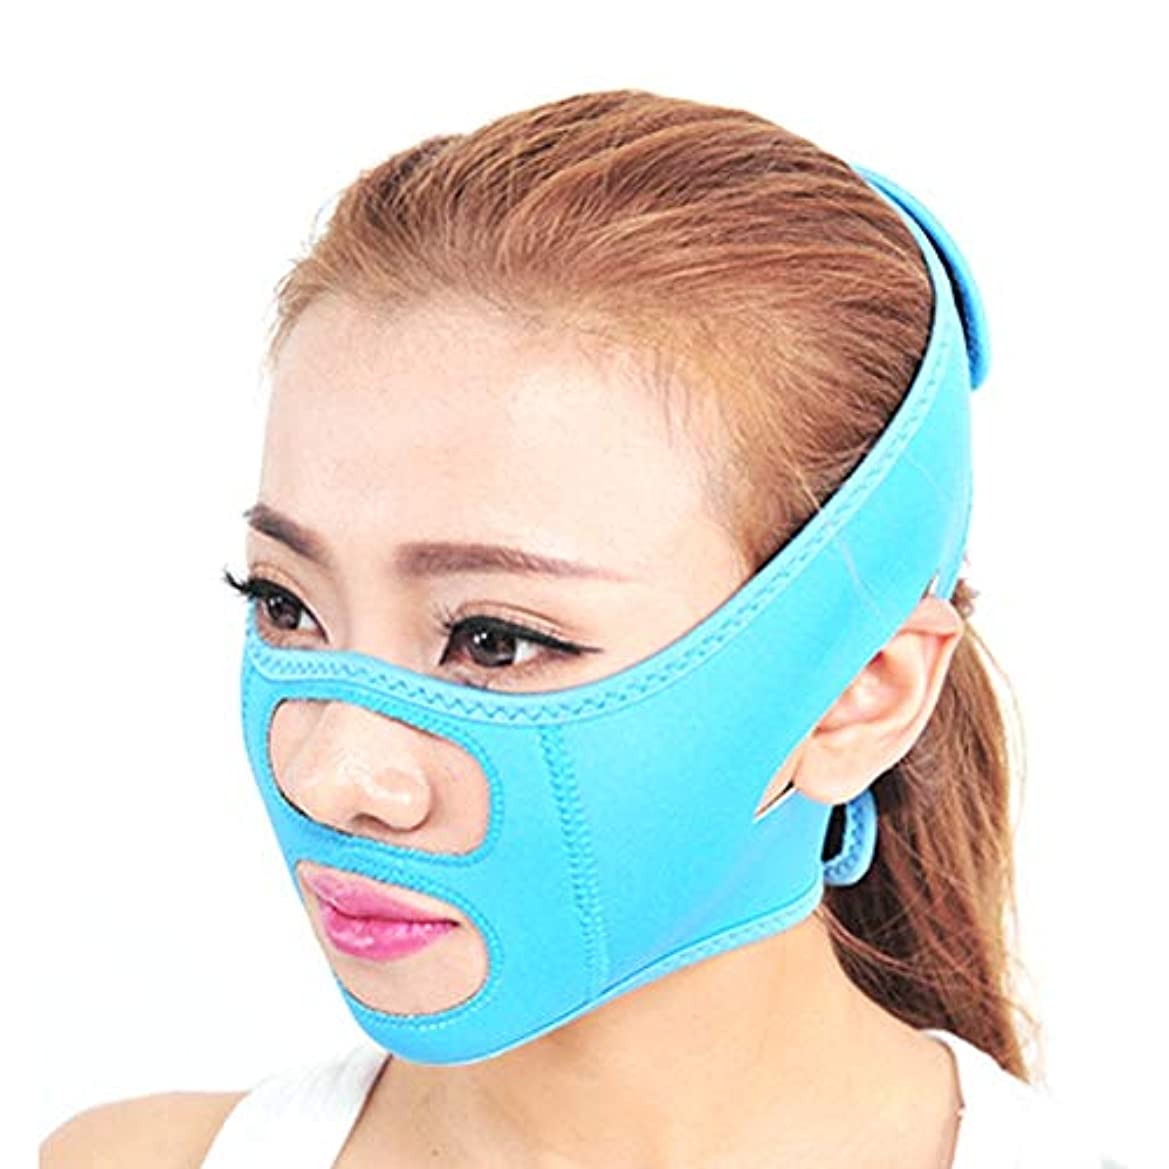 守る時計複製フェイスリフティングベルト、スリープではV-顔は包帯、タイトリフティング、二重あご、フェイスリフティングマスク、2色のマスク (Color : A)